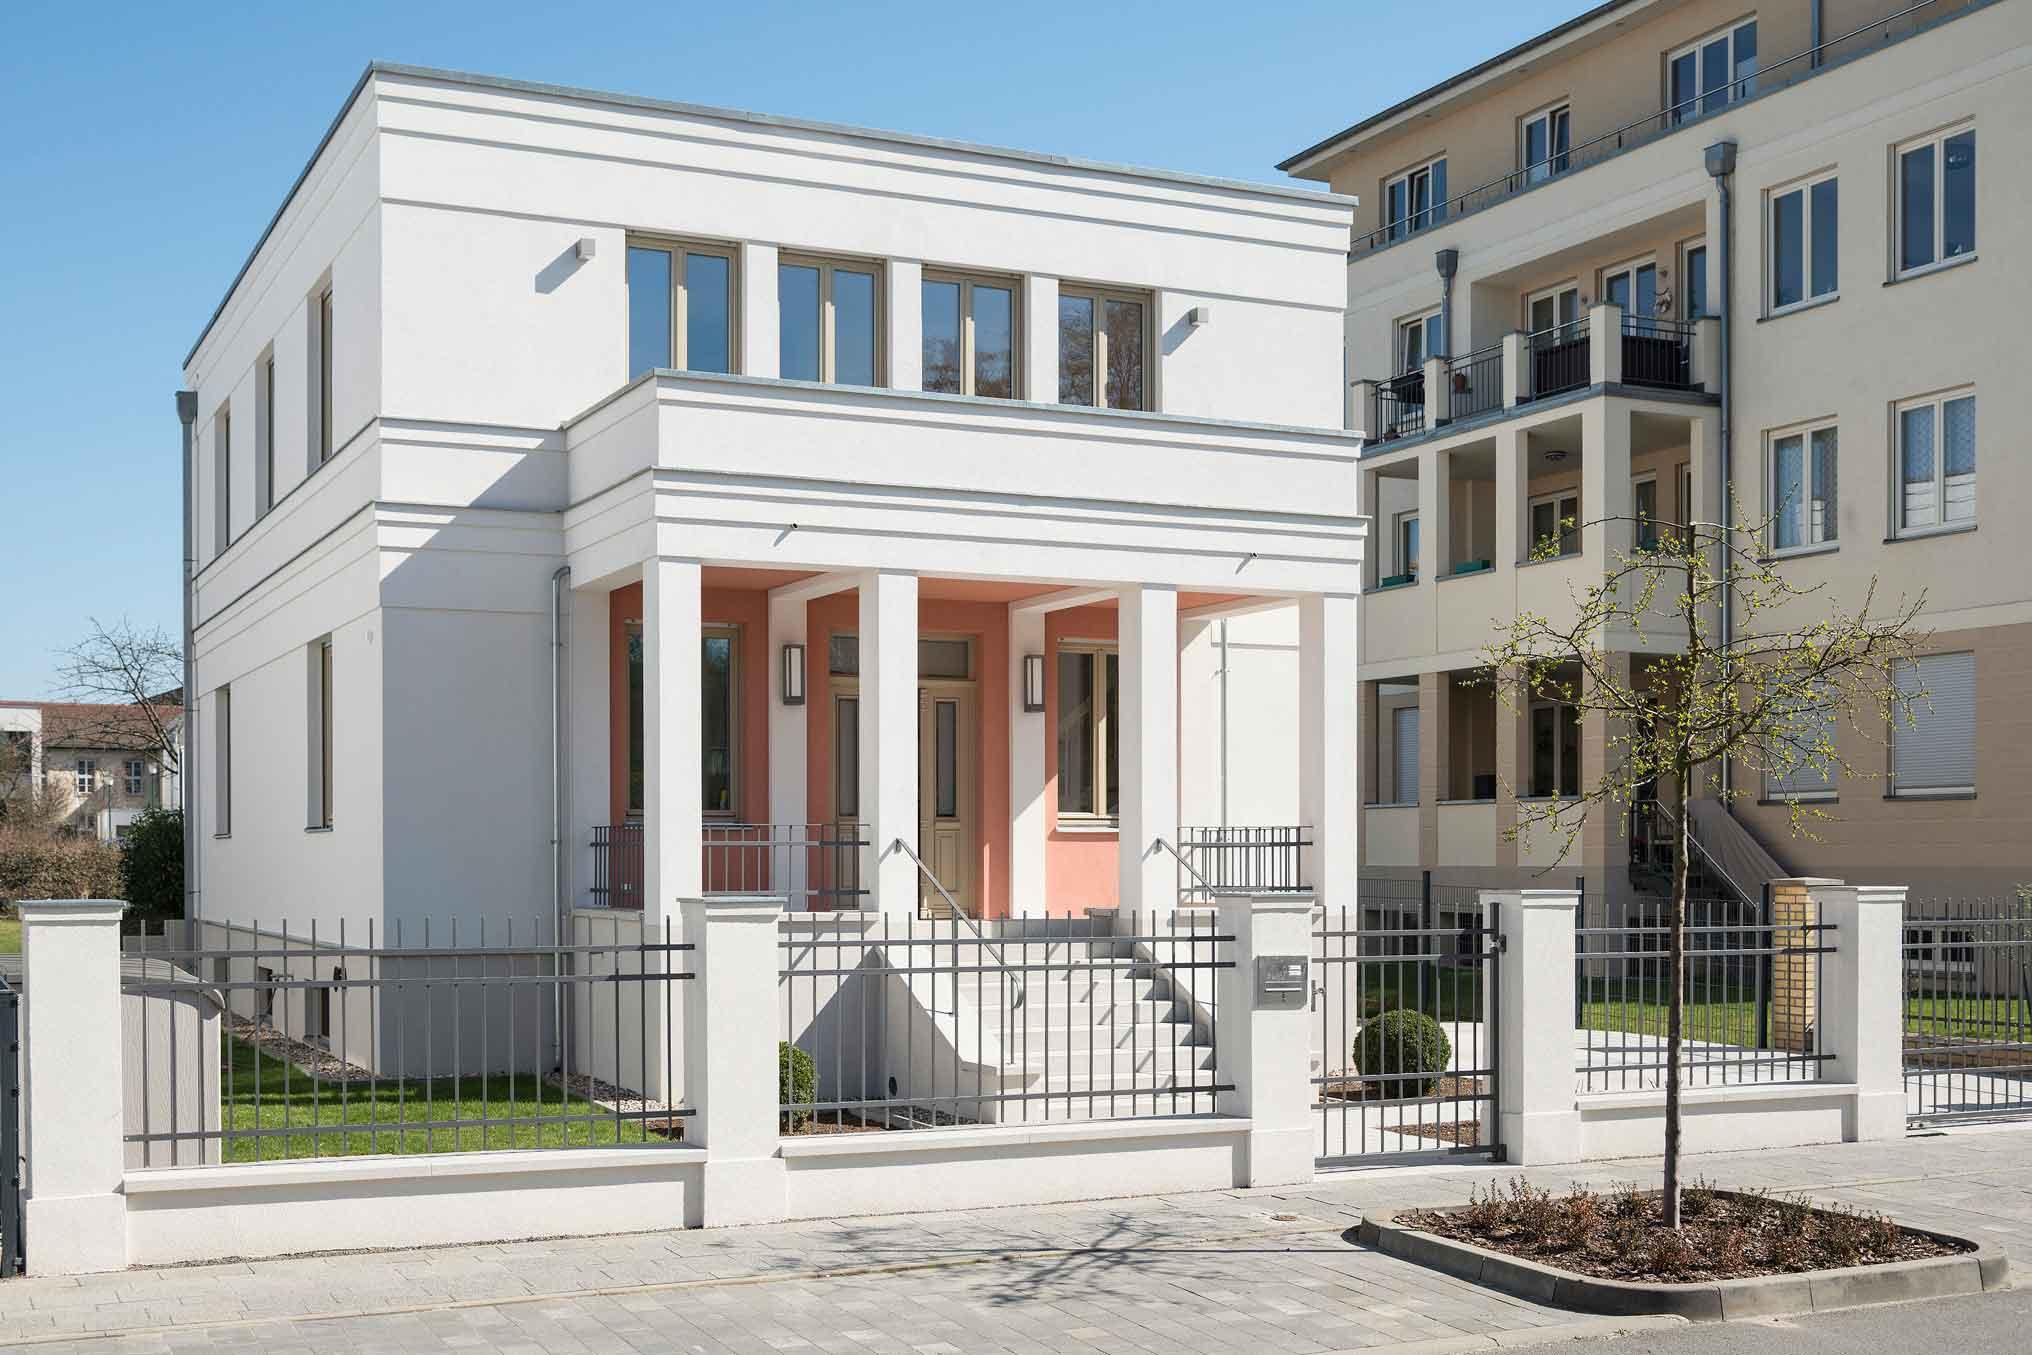 stadtvilla nach klassischem vorbild bereichert berliner vorstadt livvi de. Black Bedroom Furniture Sets. Home Design Ideas